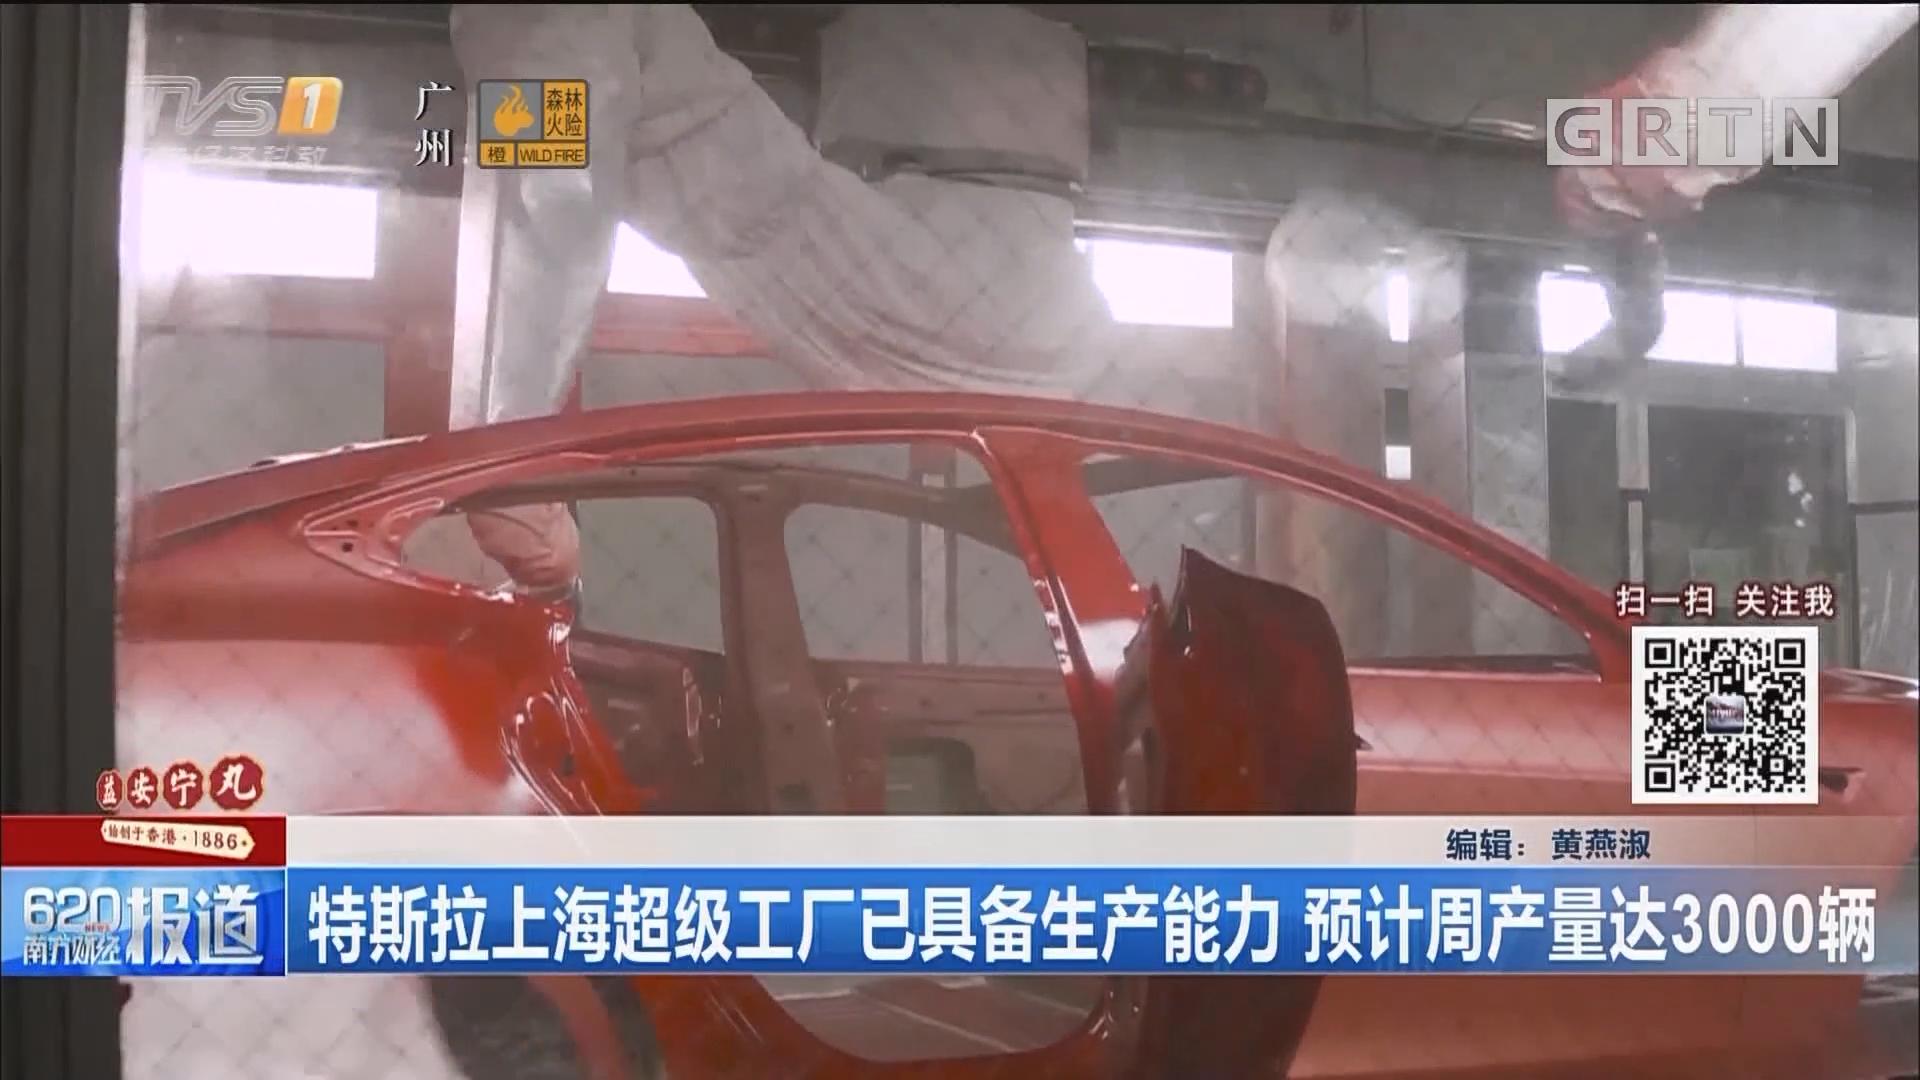 特斯拉上海超级工厂已具备生产能力 预计周产量达3000辆